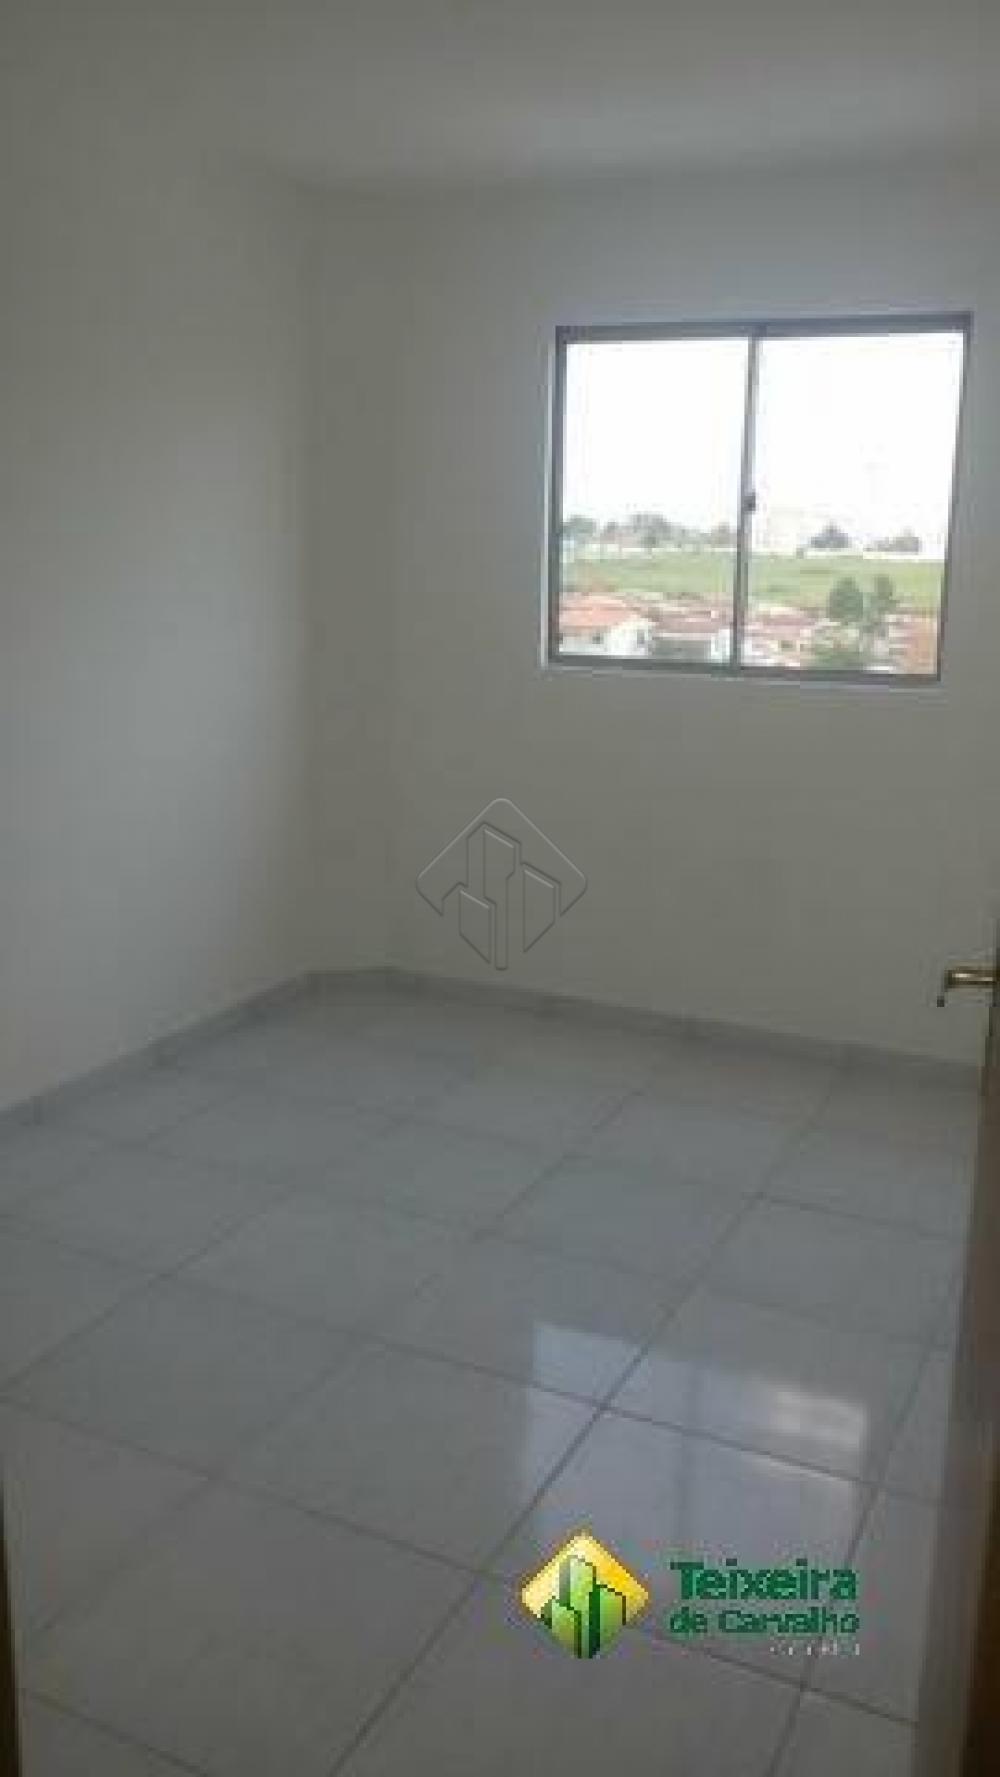 Comprar Apartamento / Padrão em João Pessoa apenas R$ 150.000,00 - Foto 7